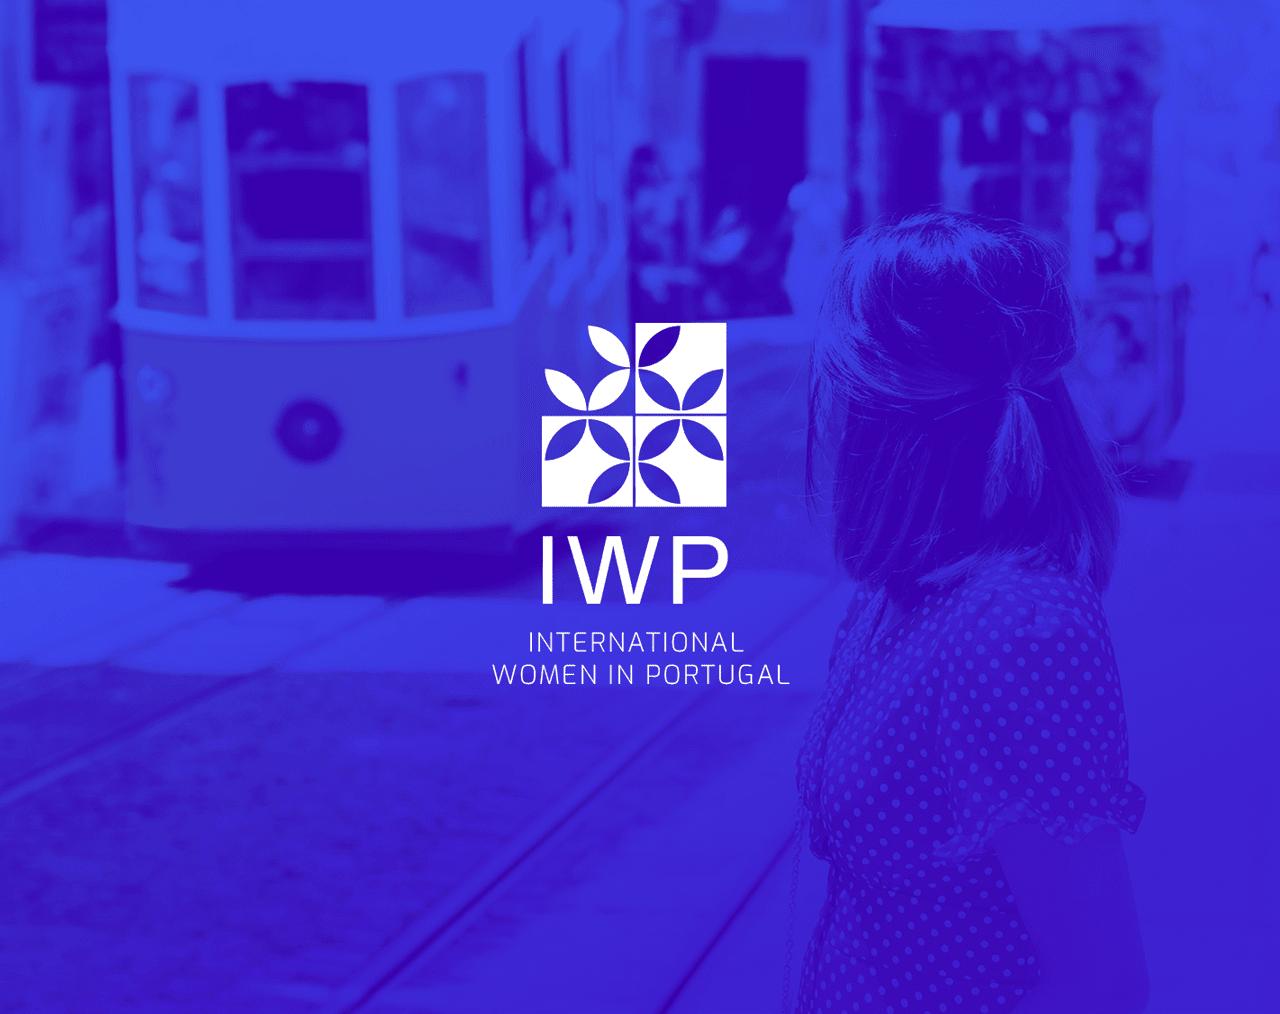 IWP logo on blue background